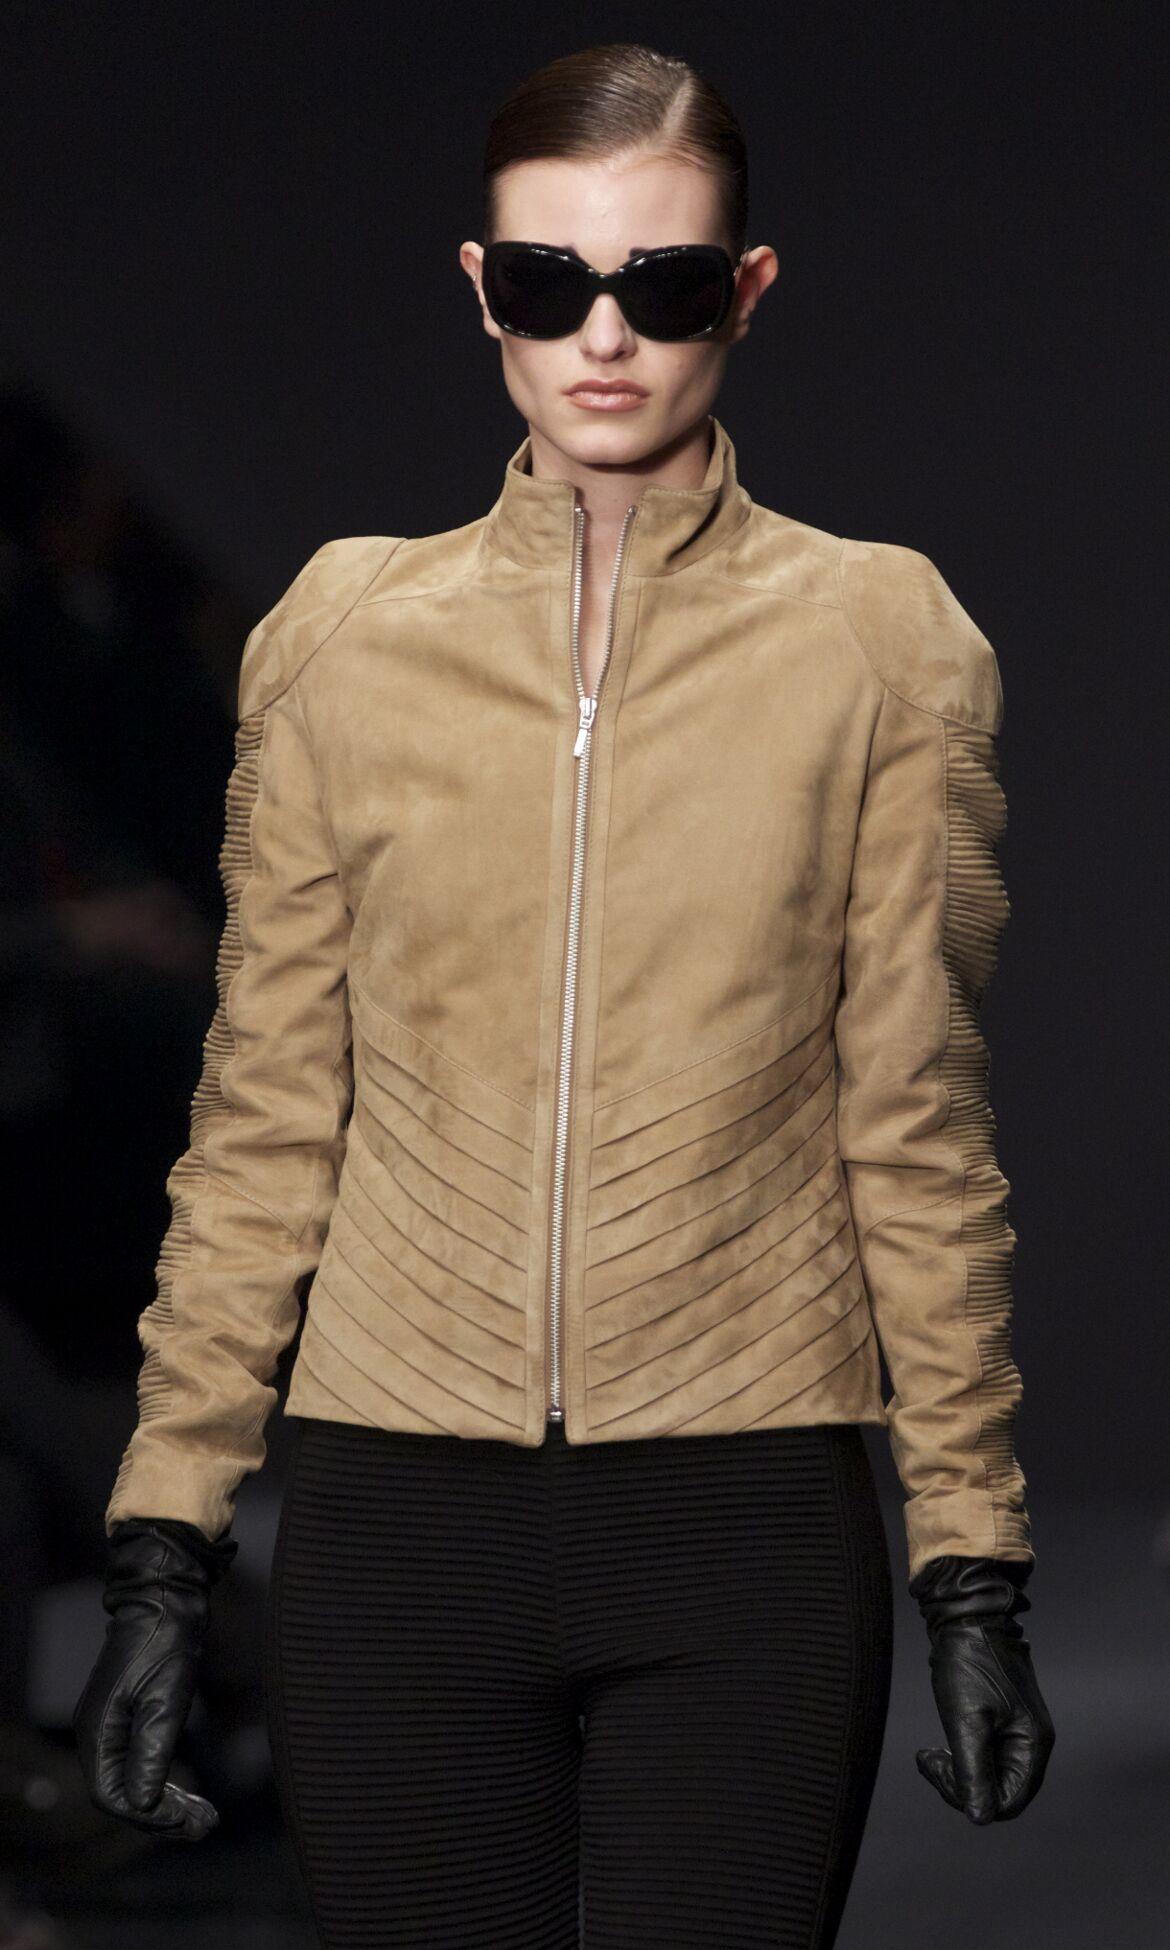 Krizia Fashion Model